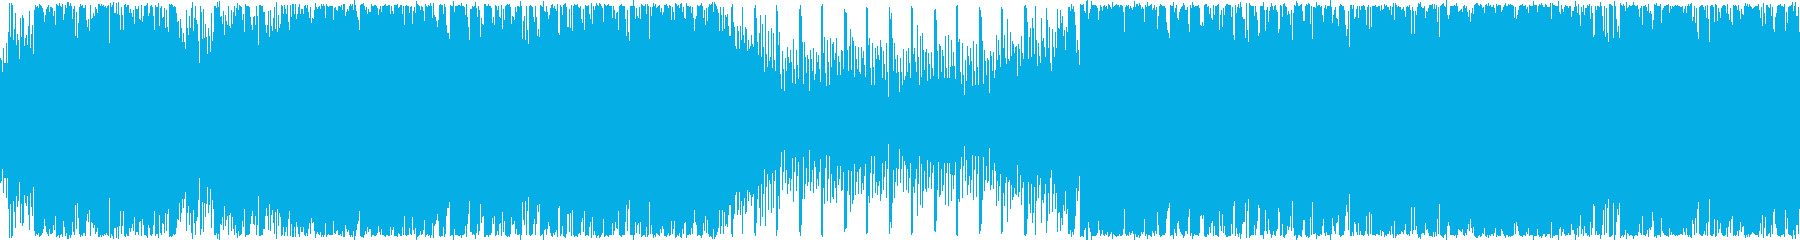 ループ・おしゃれな洋楽EDMの再生済みの波形